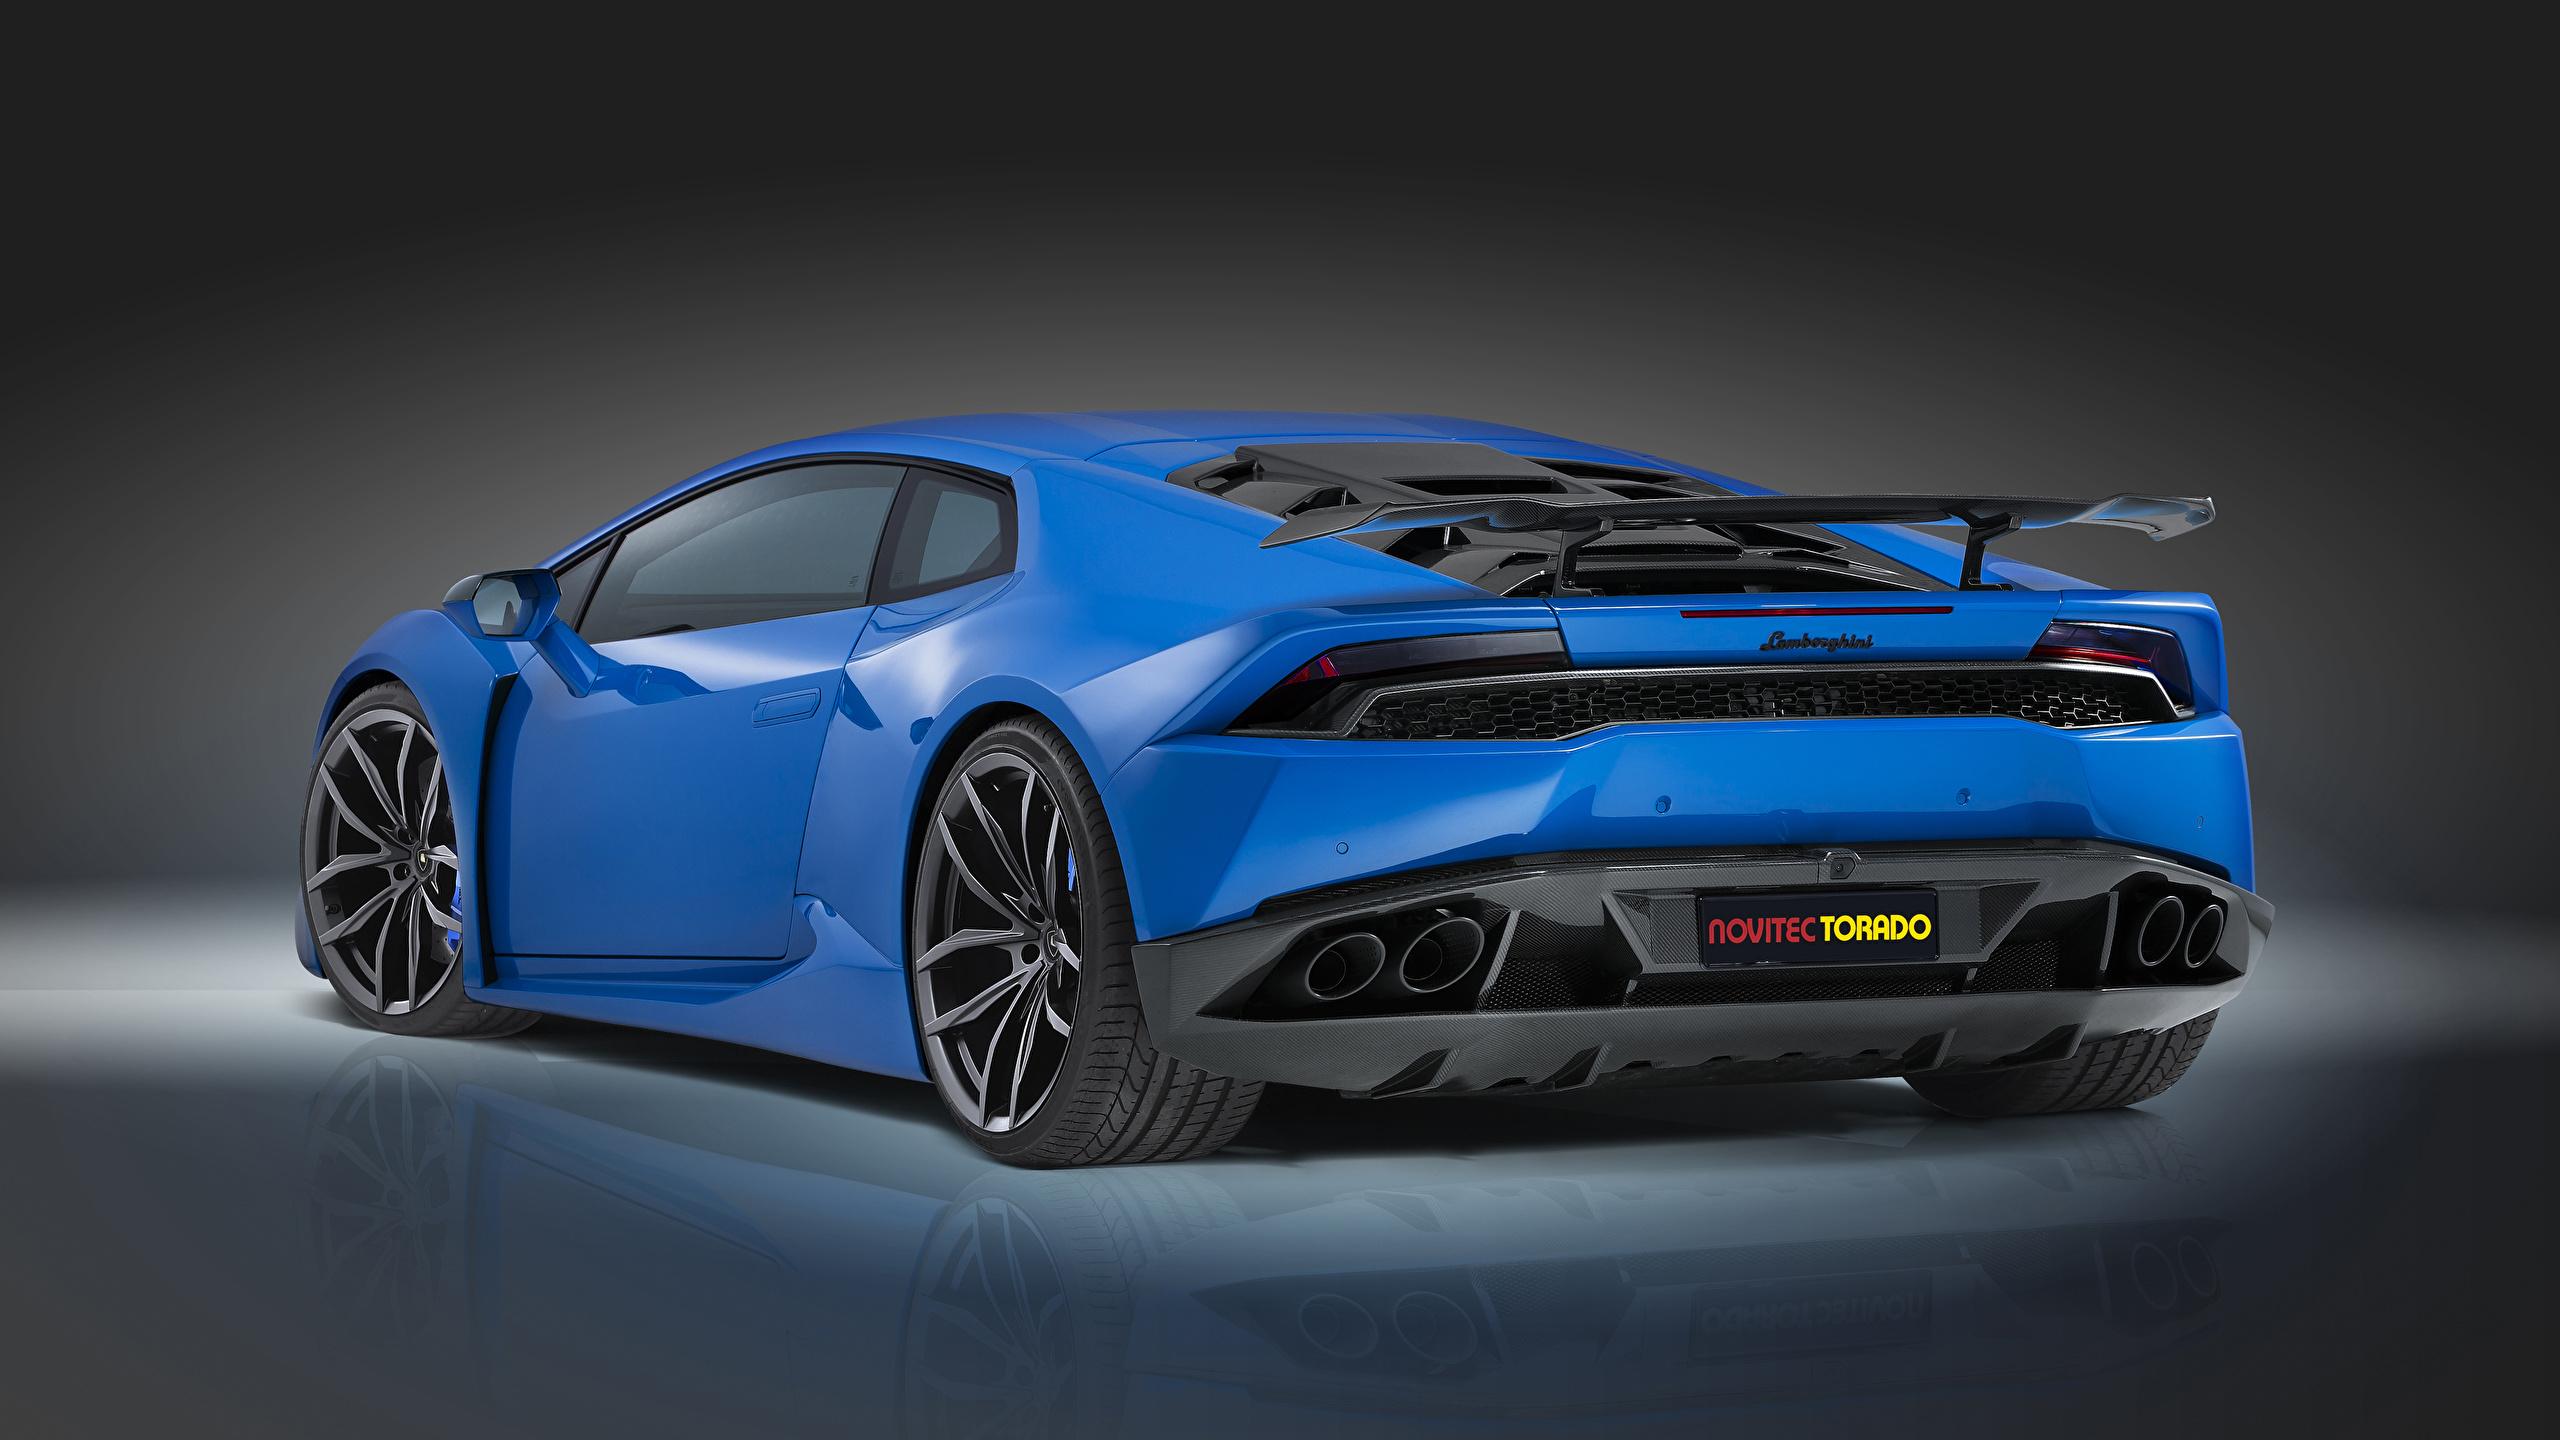 Fonds Decran 2560x1440 Lamborghini Novitec Torado Huracan